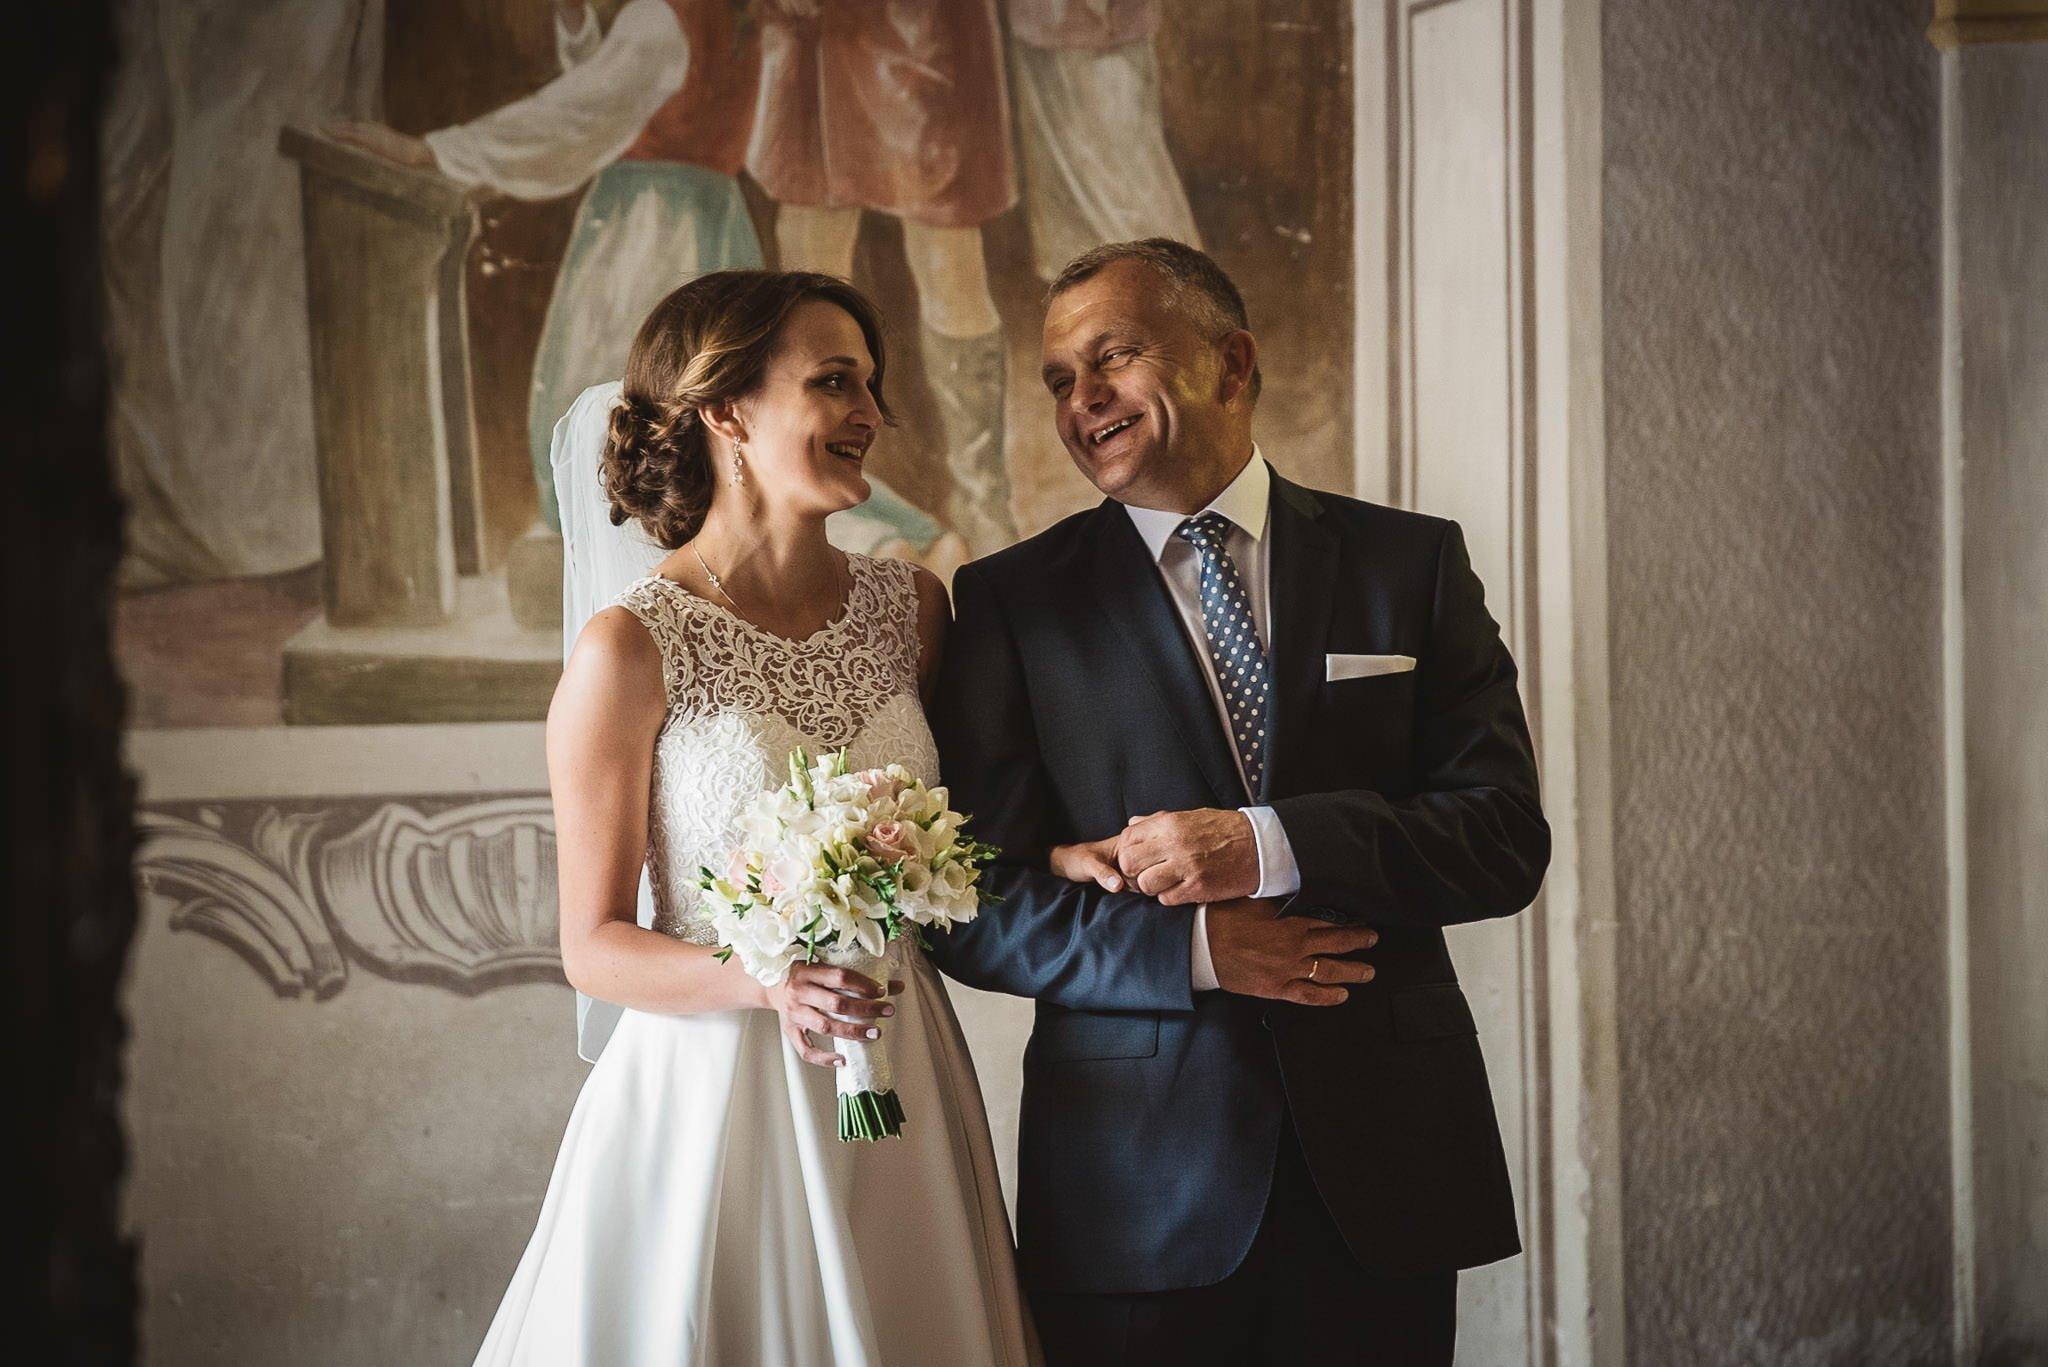 Monika i Michał, wesele w Paryżu i sesja plenerowa w stadninie koni w Czołowie 98